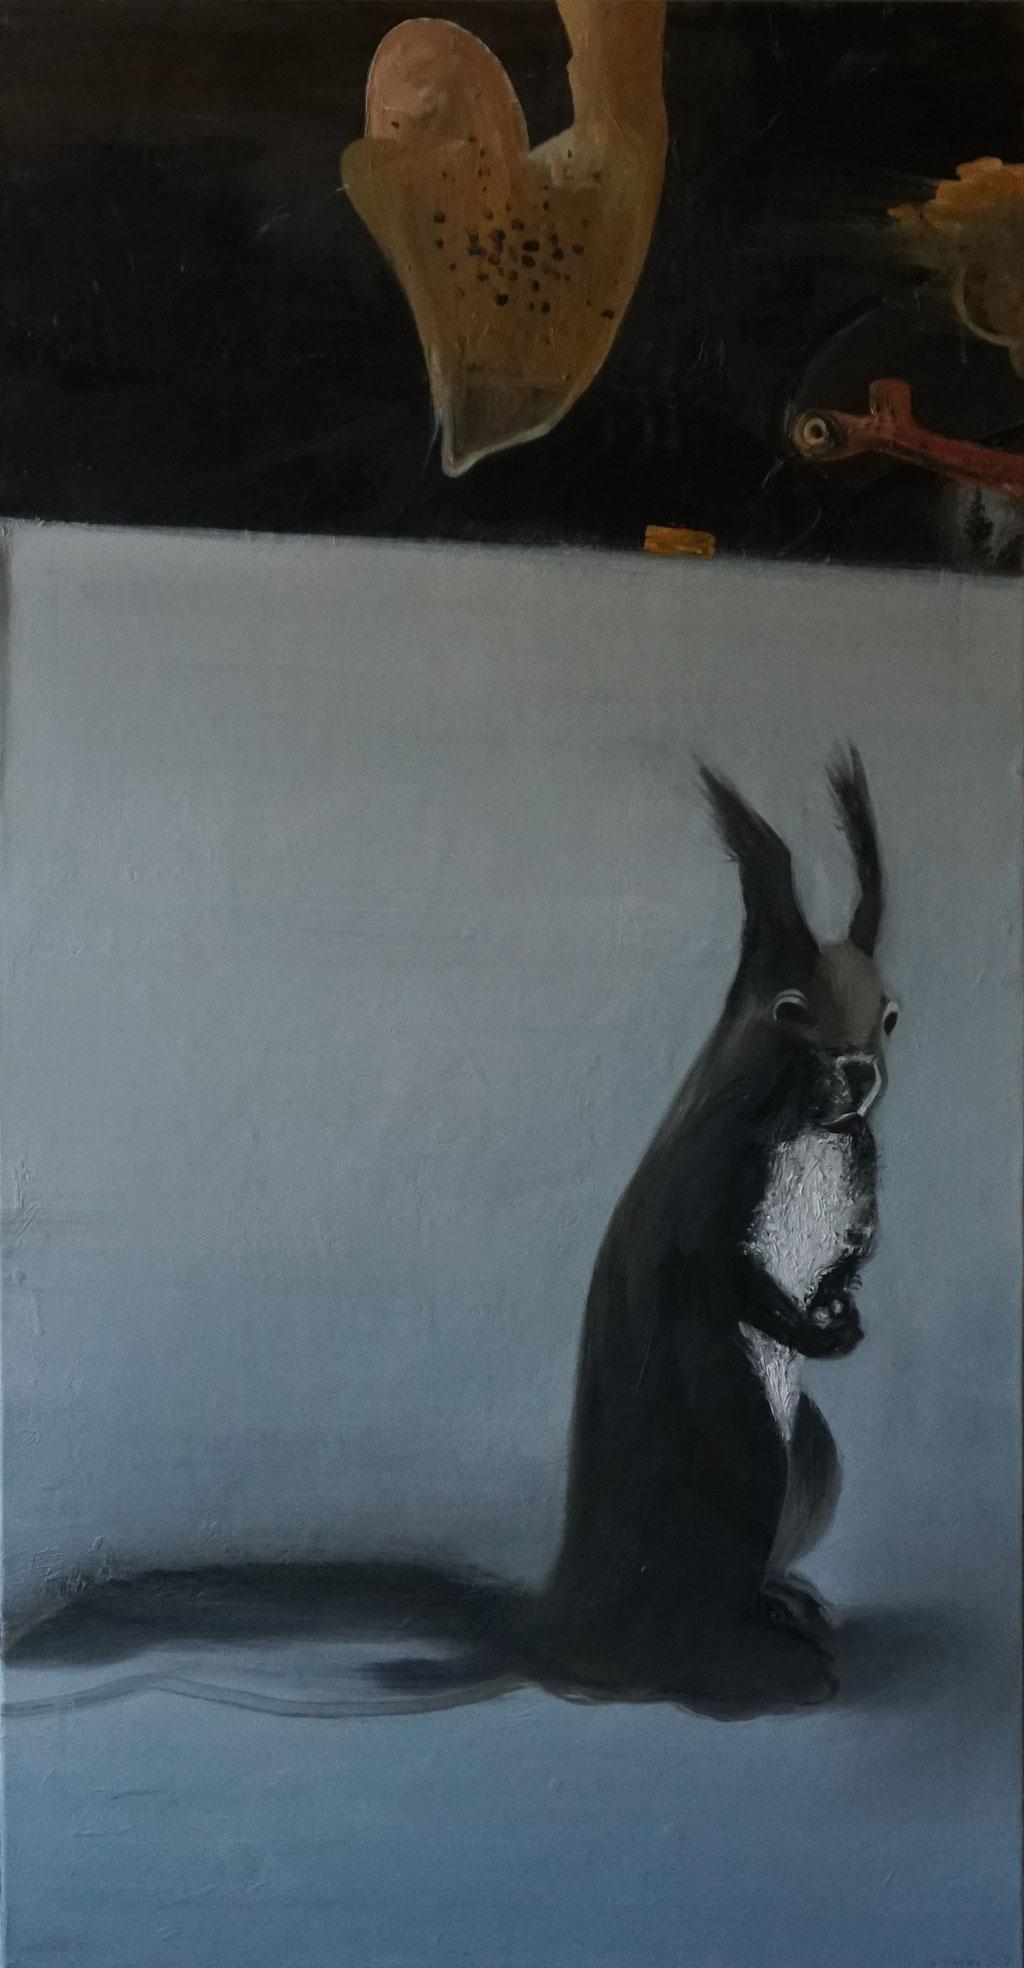 G019 - Öl auf Leinwand - 140 x 73 cm.